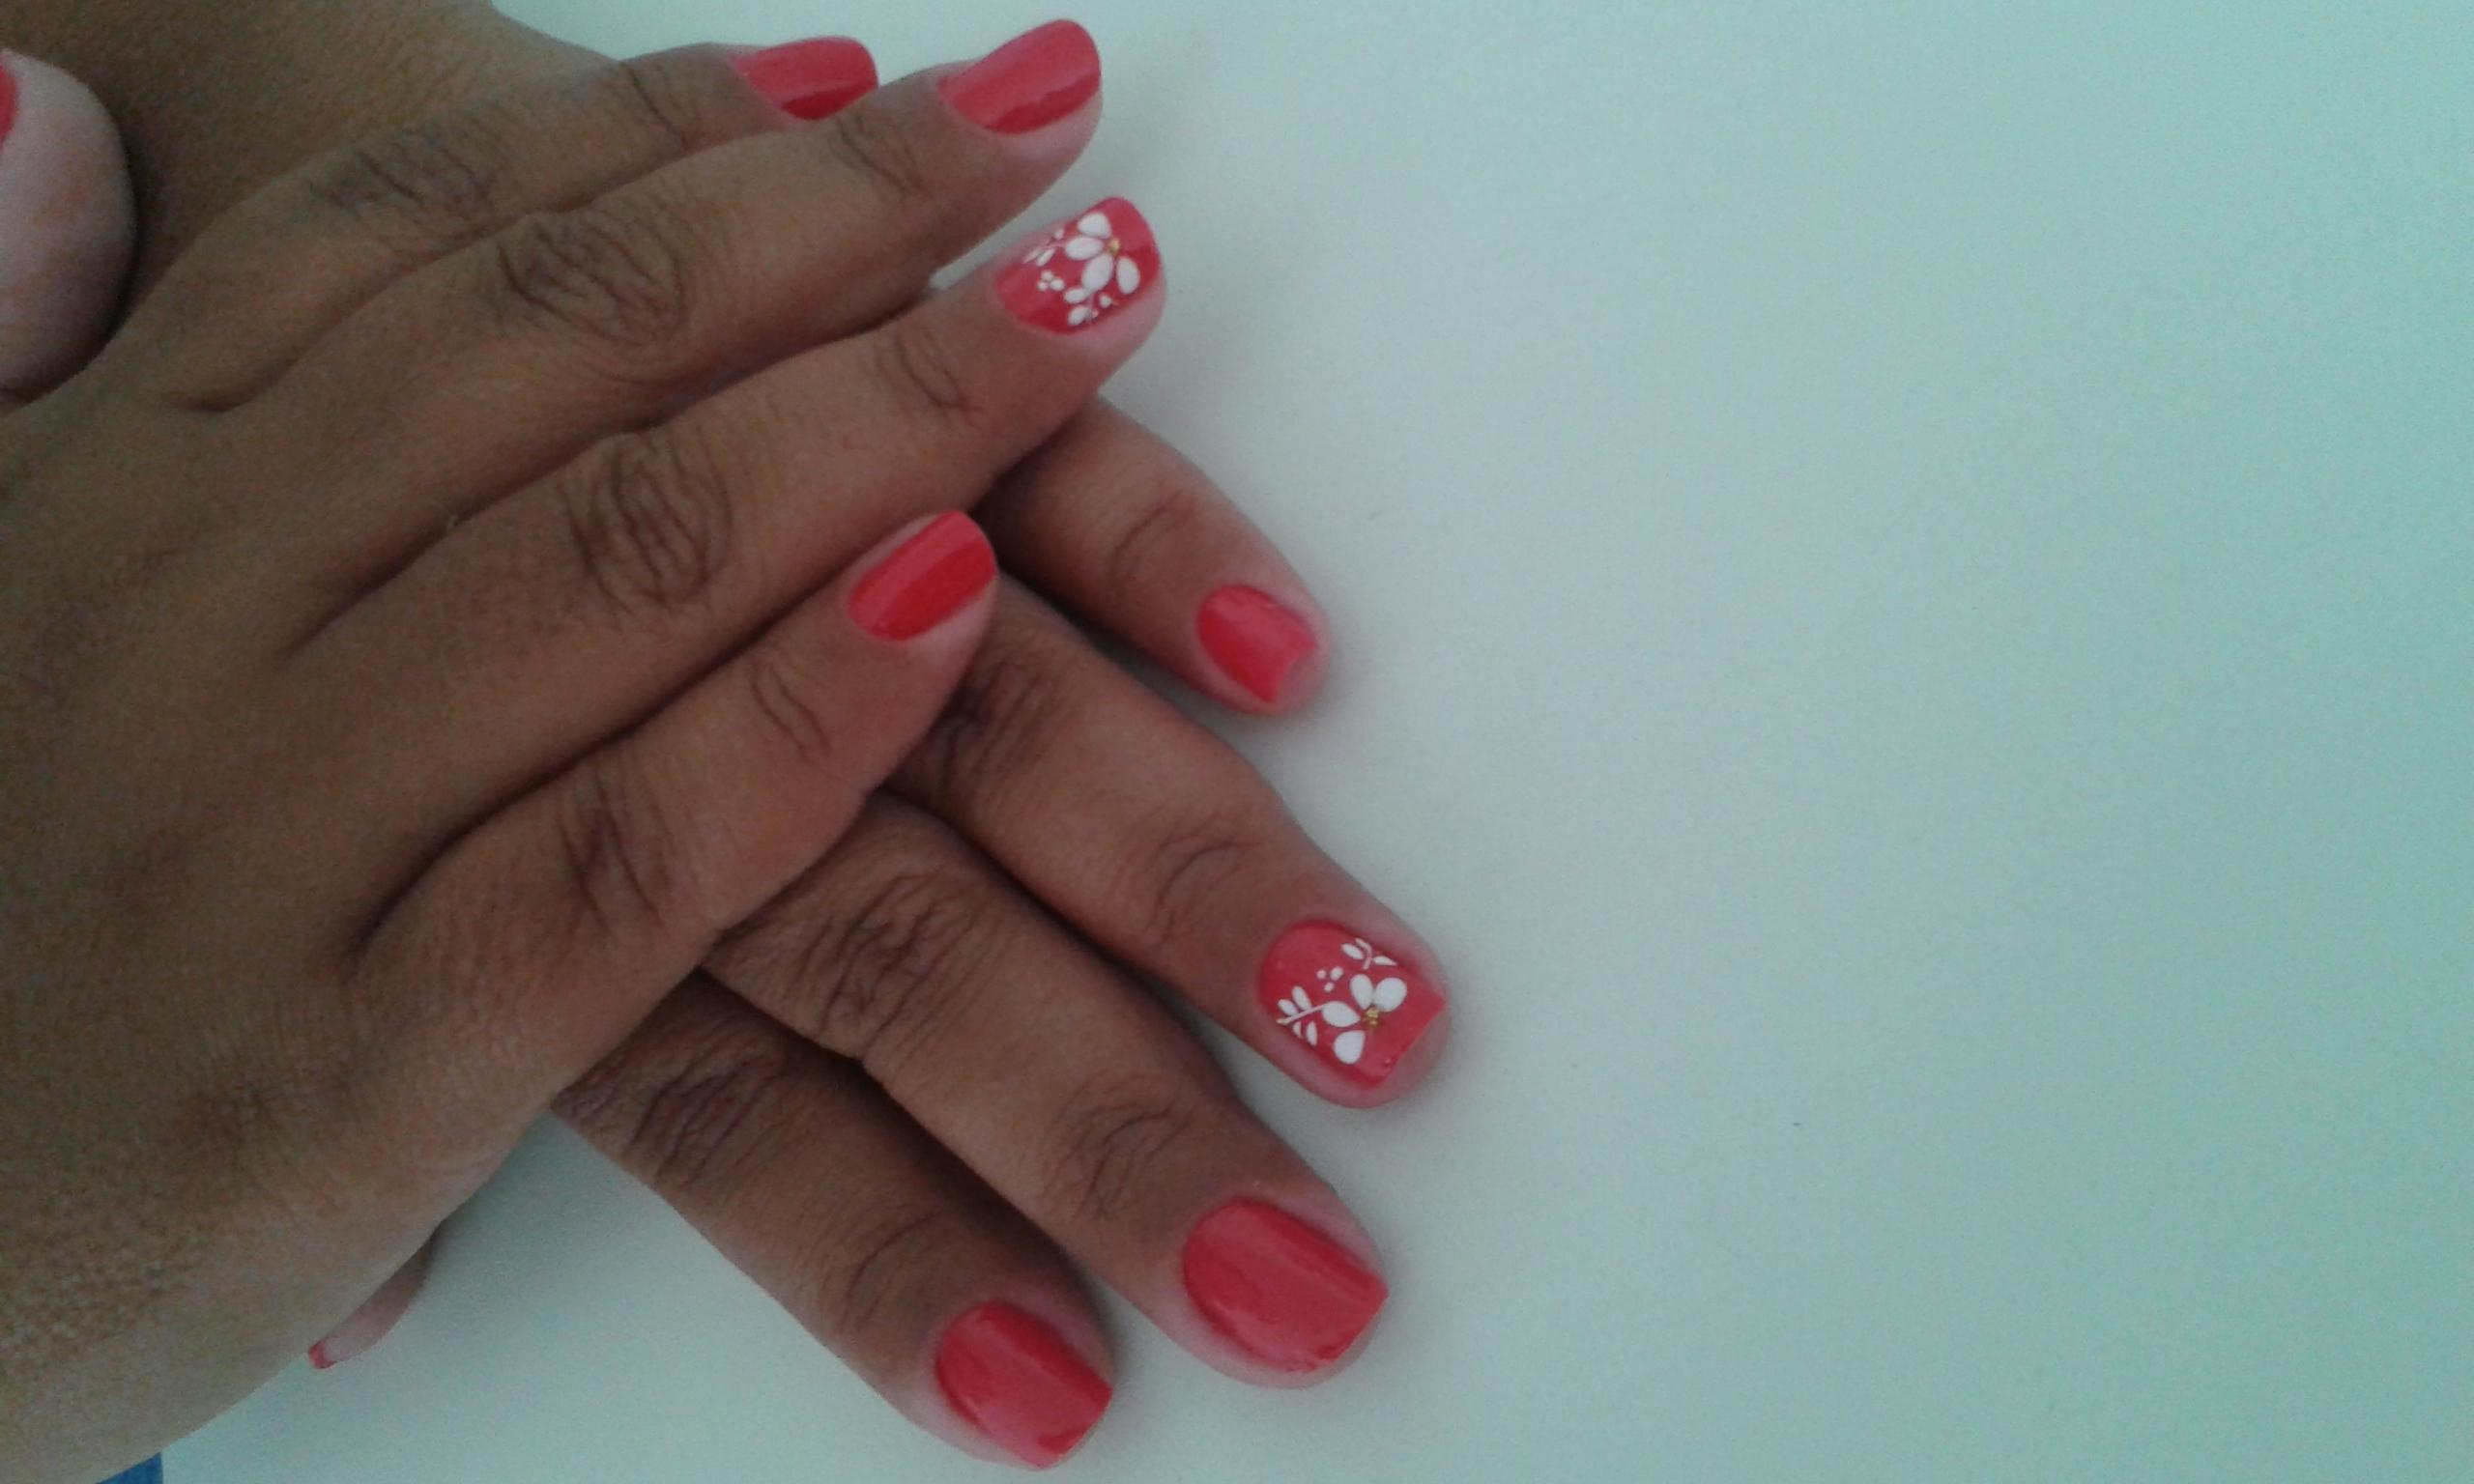 vermelho  unhas  manicure e pedicure manicure e pedicure cabeleireiro(a) auxiliar cabeleireiro(a)